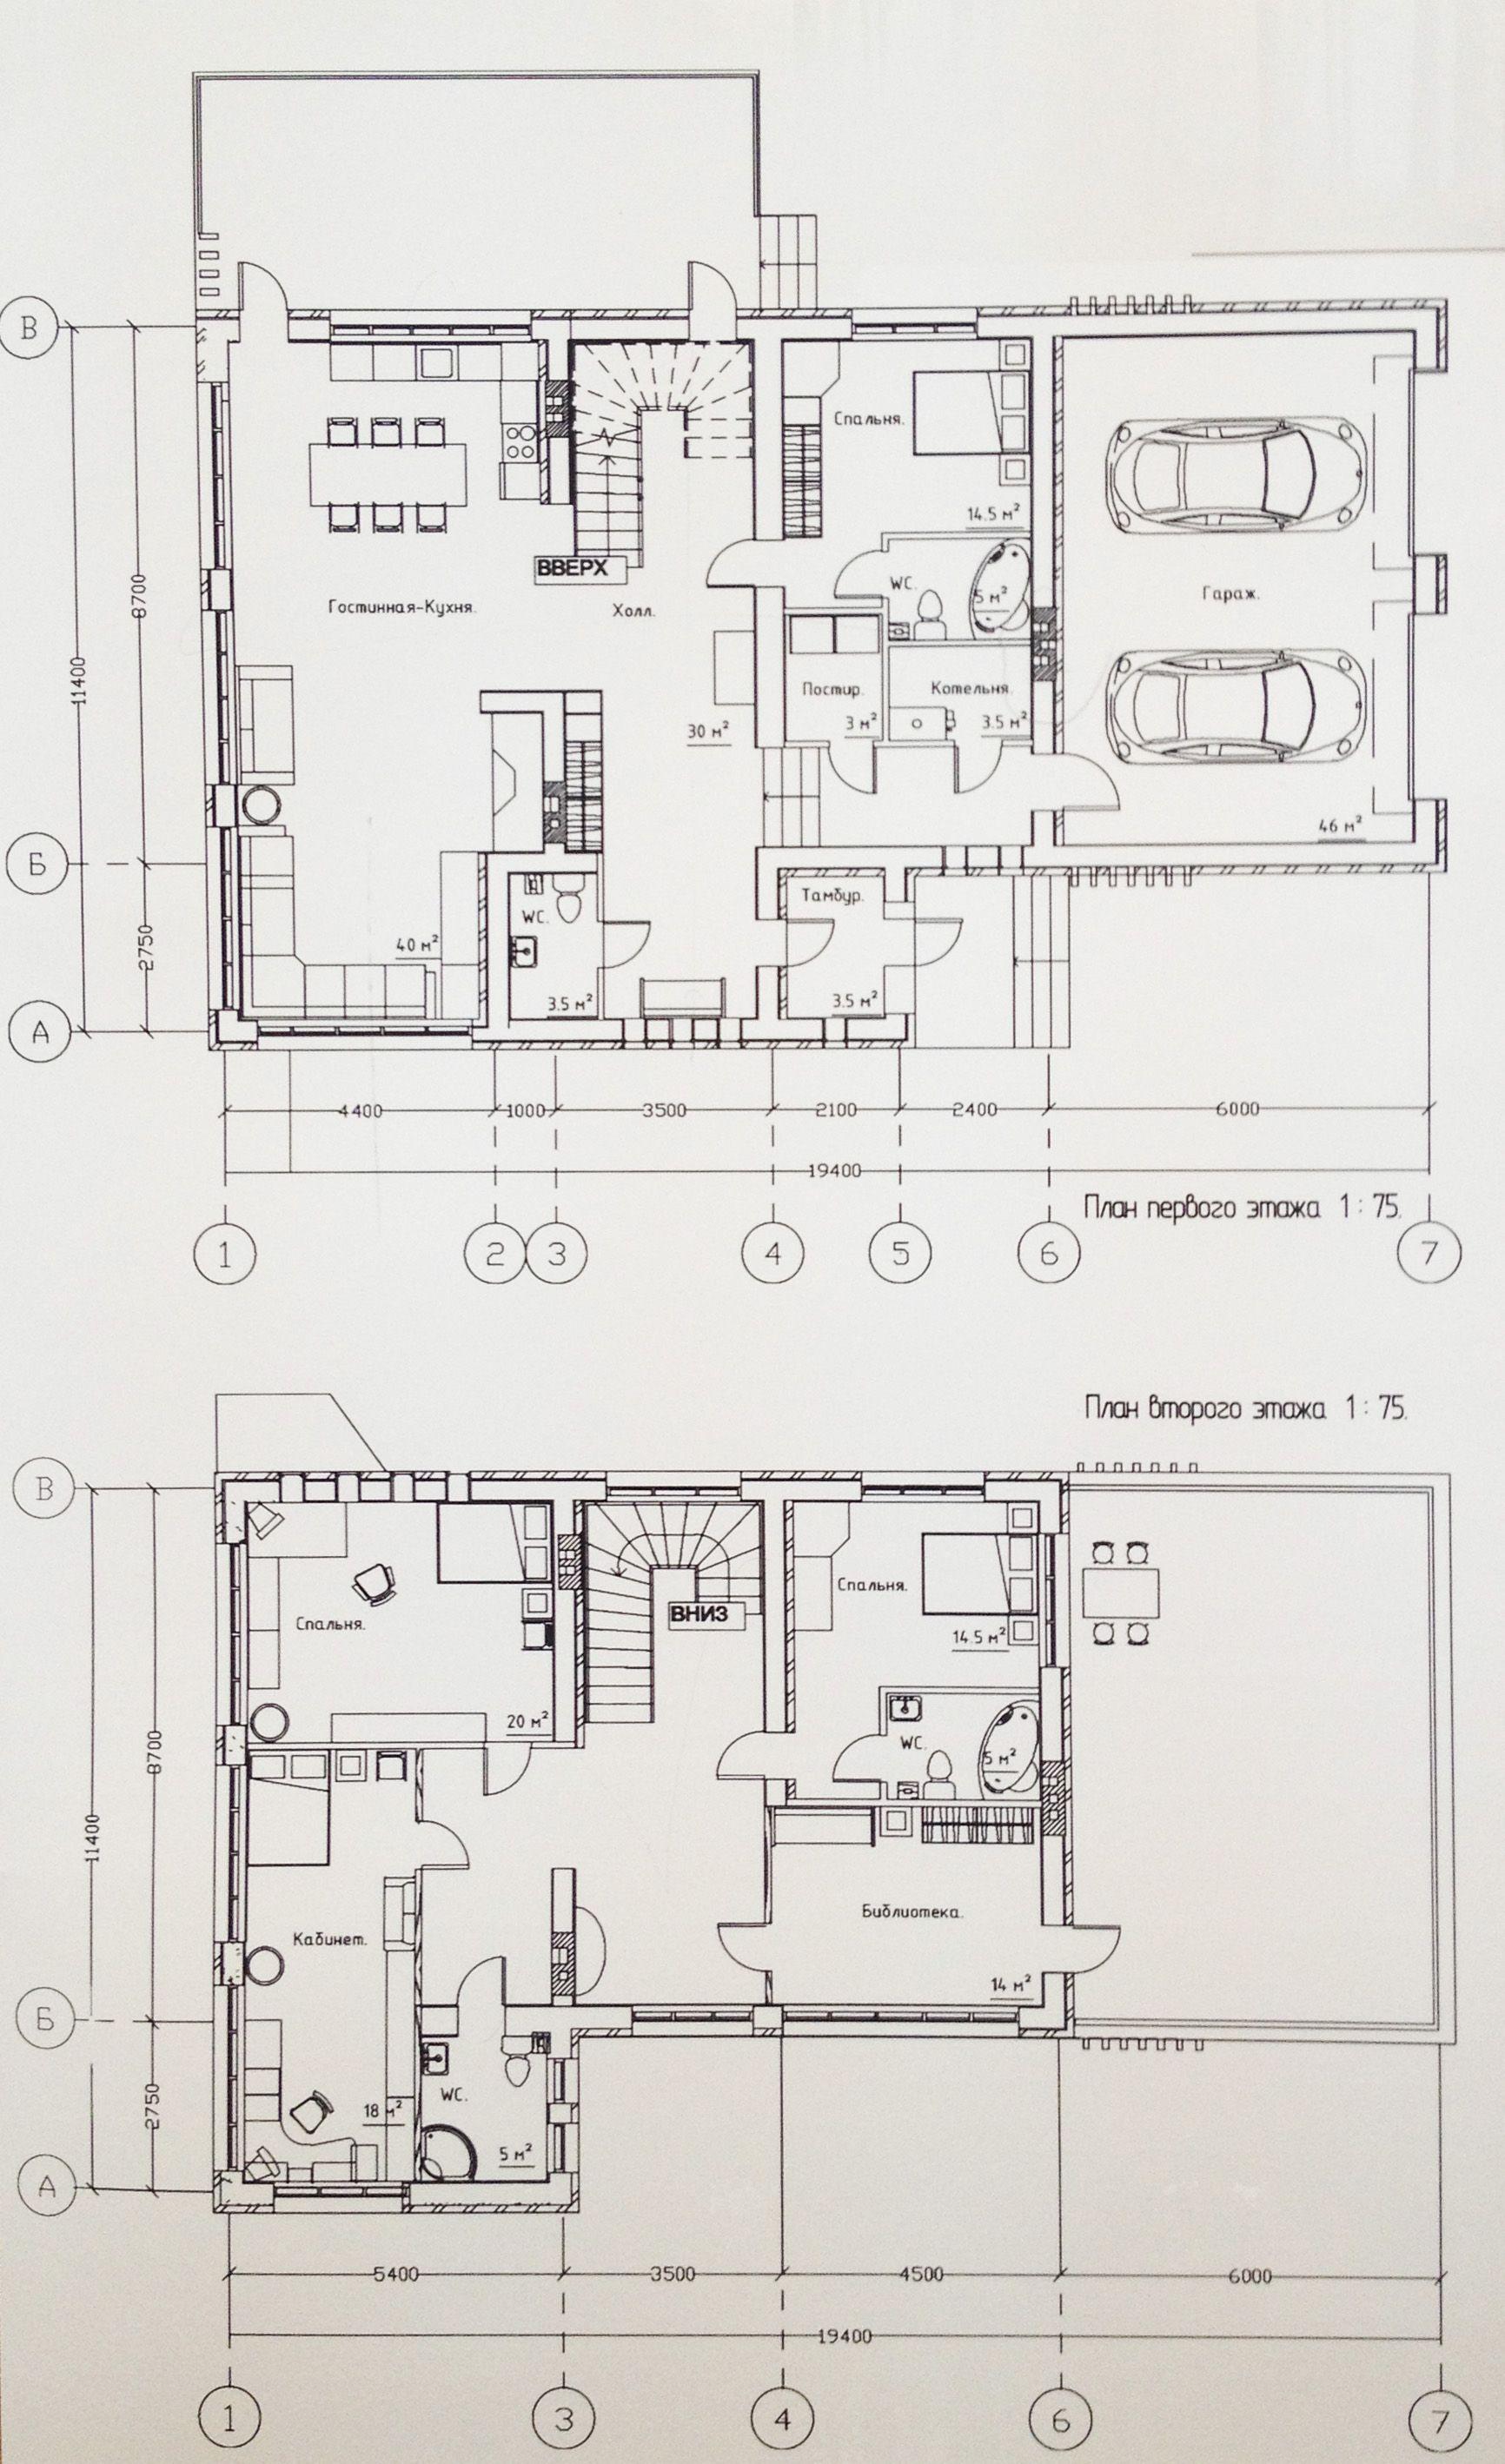 Индивидуальный жилой дом Примеры подачи г Modern home design